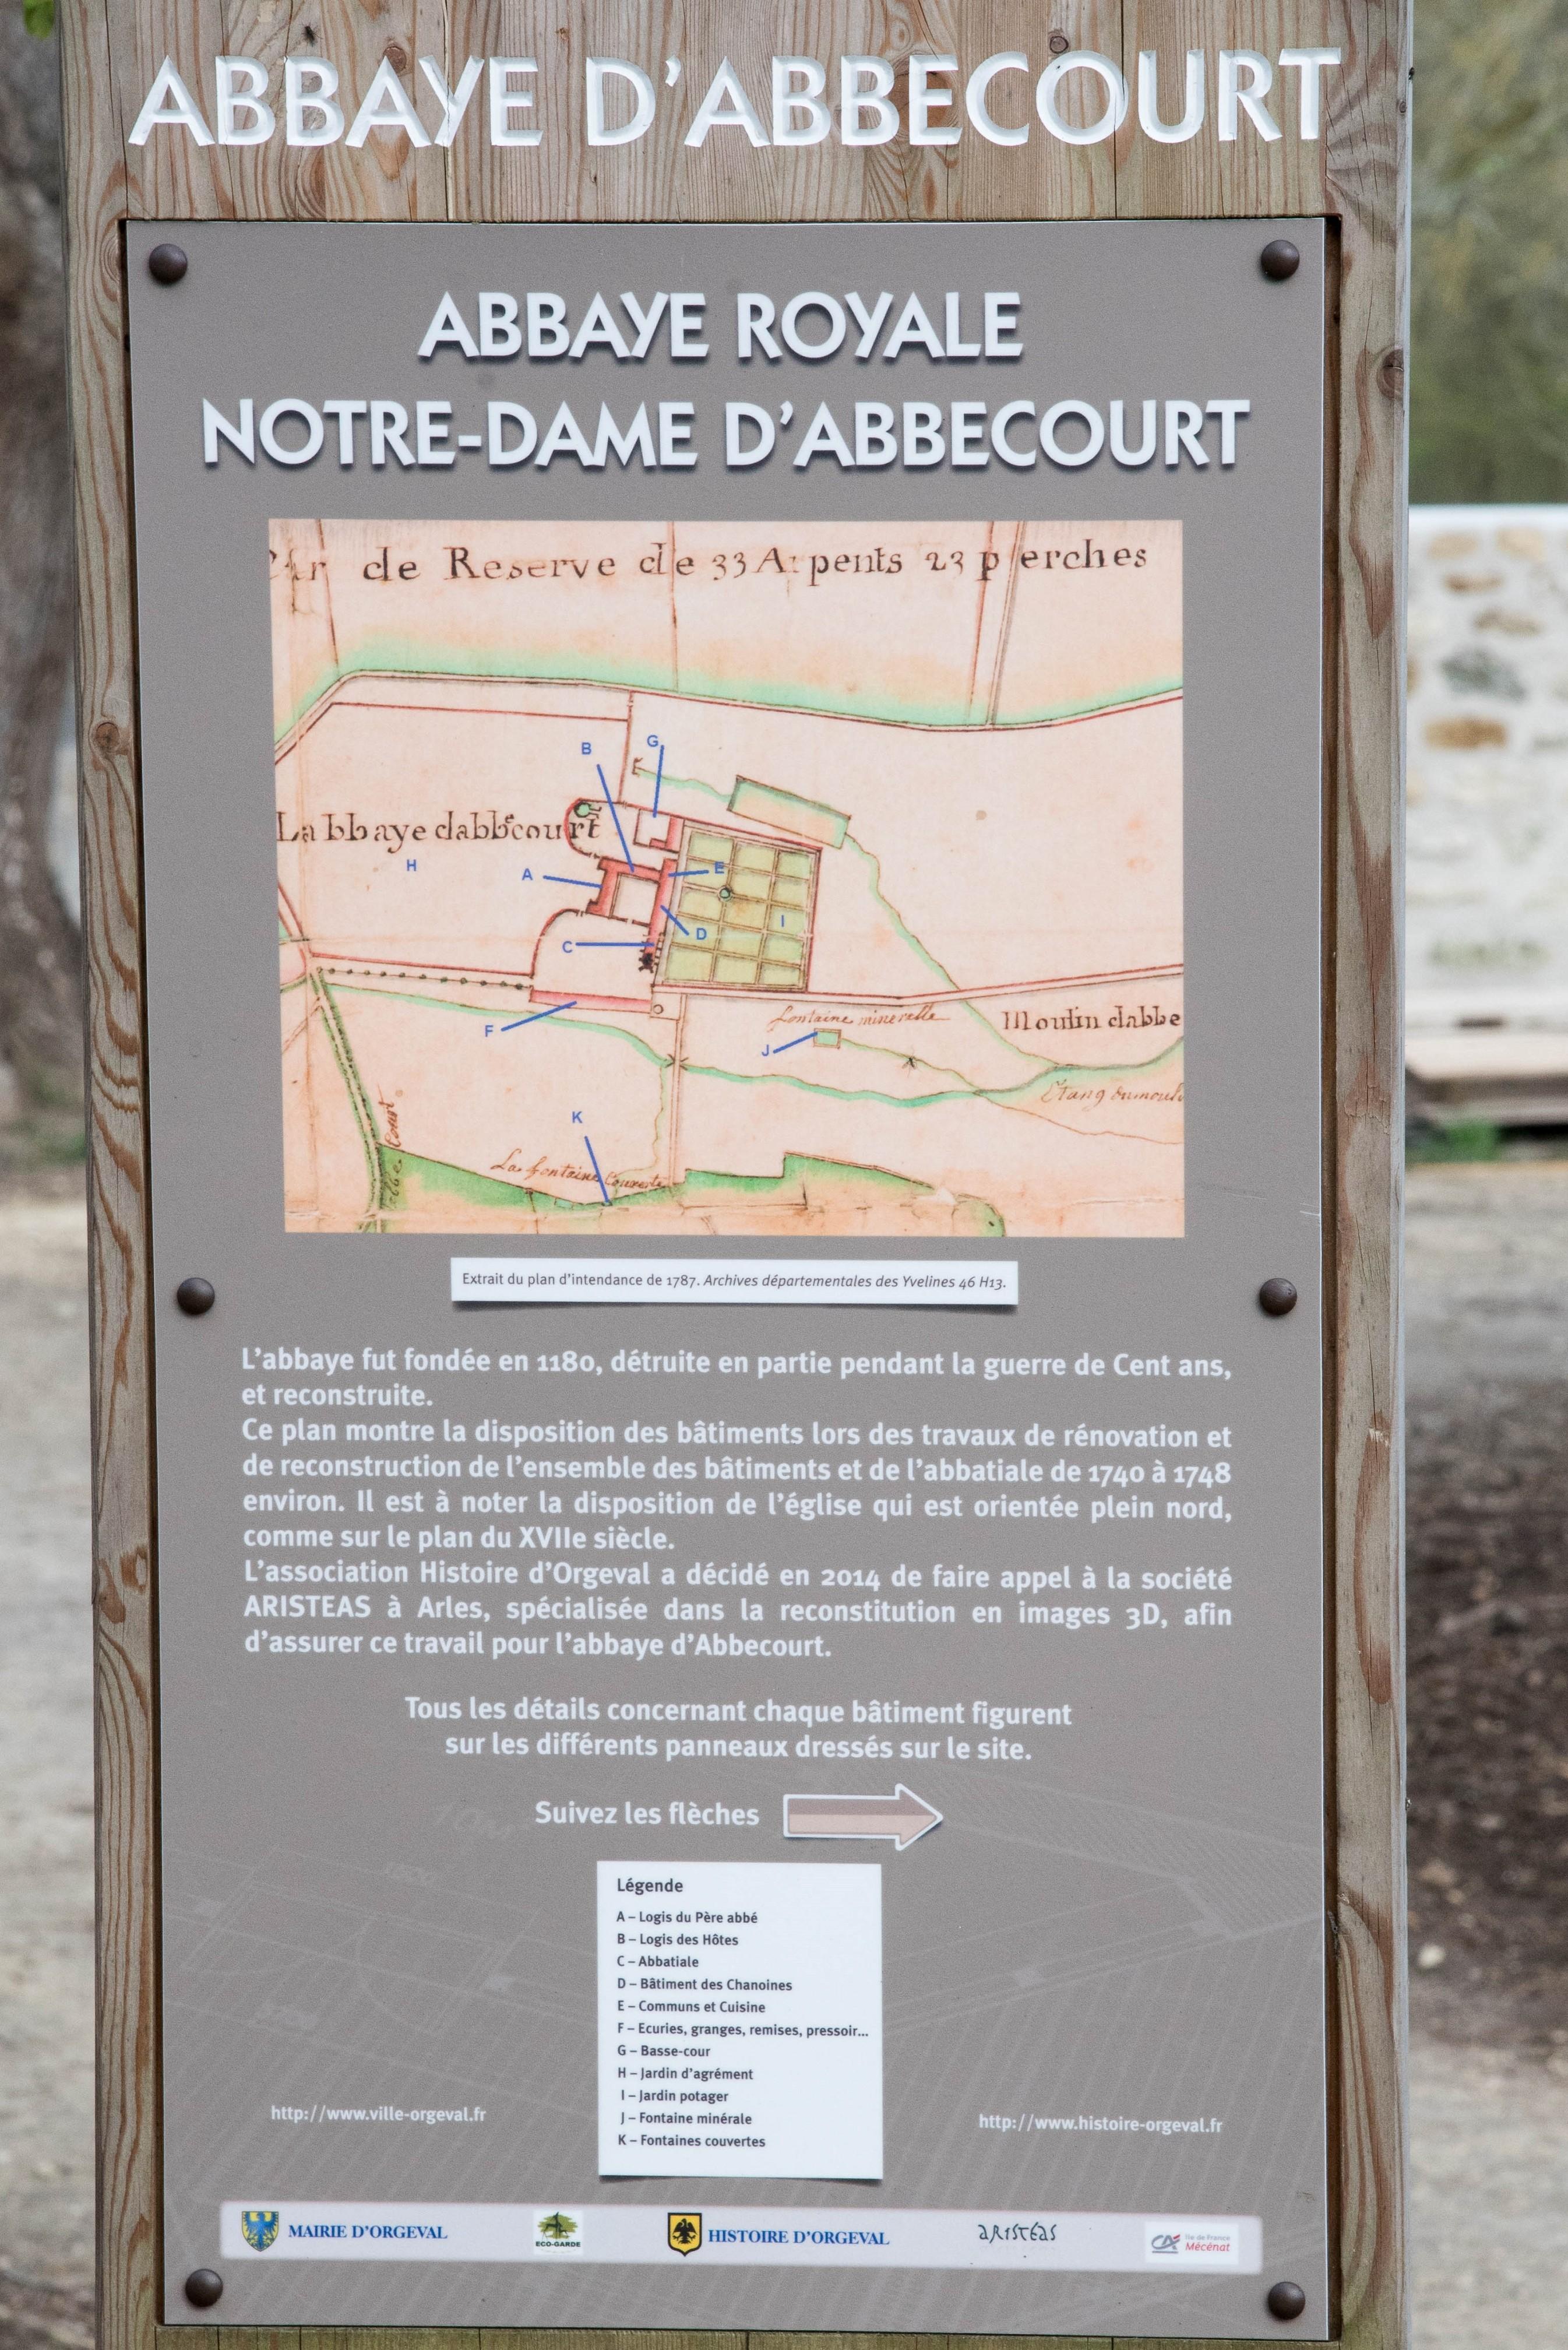 Panneau de présentation de l'abbaye